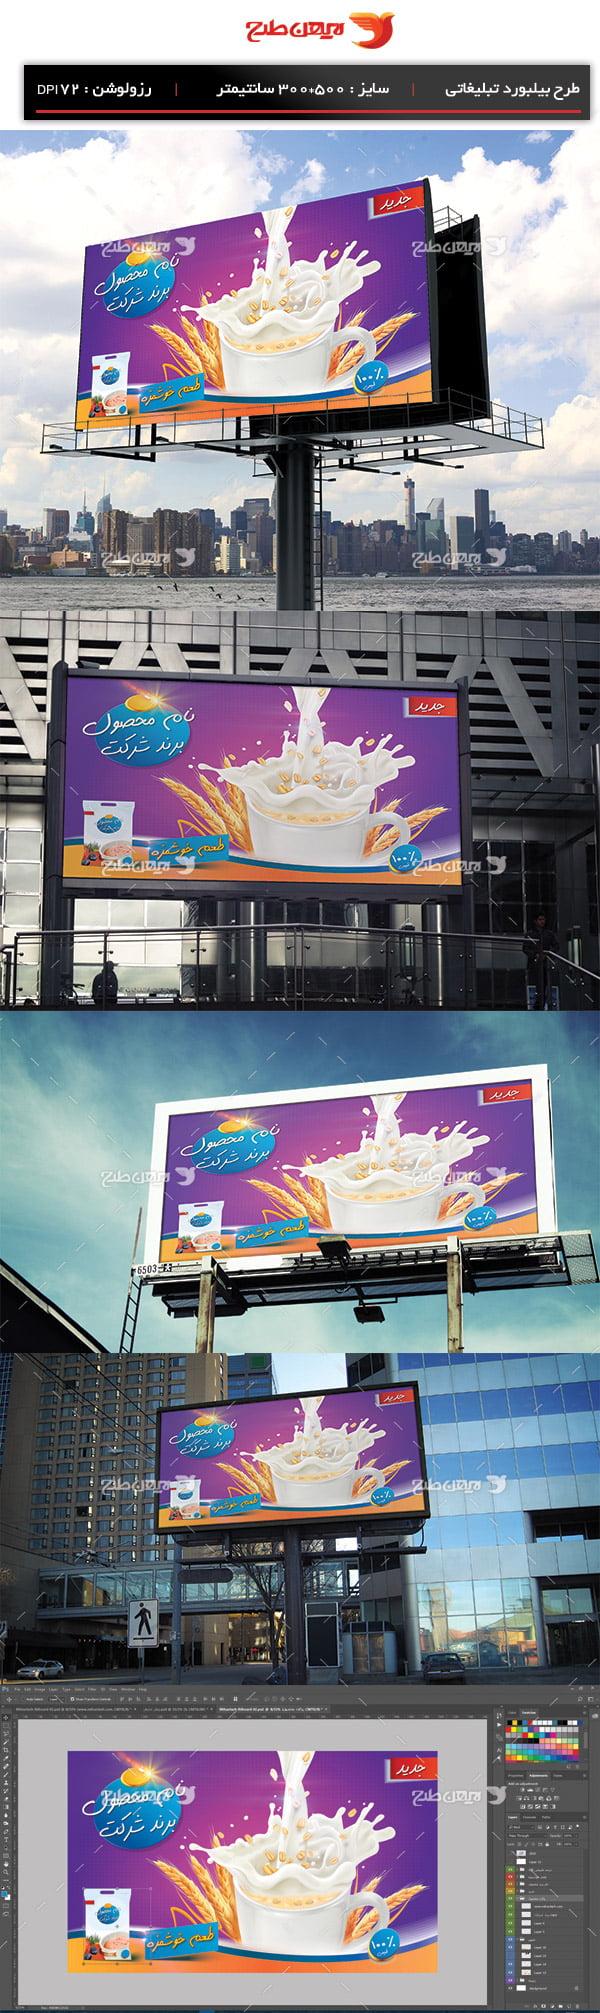 طرح لایه باز بیلبورد تبلیغات ویژه فروش برند مواد غذایی - شیر گندم